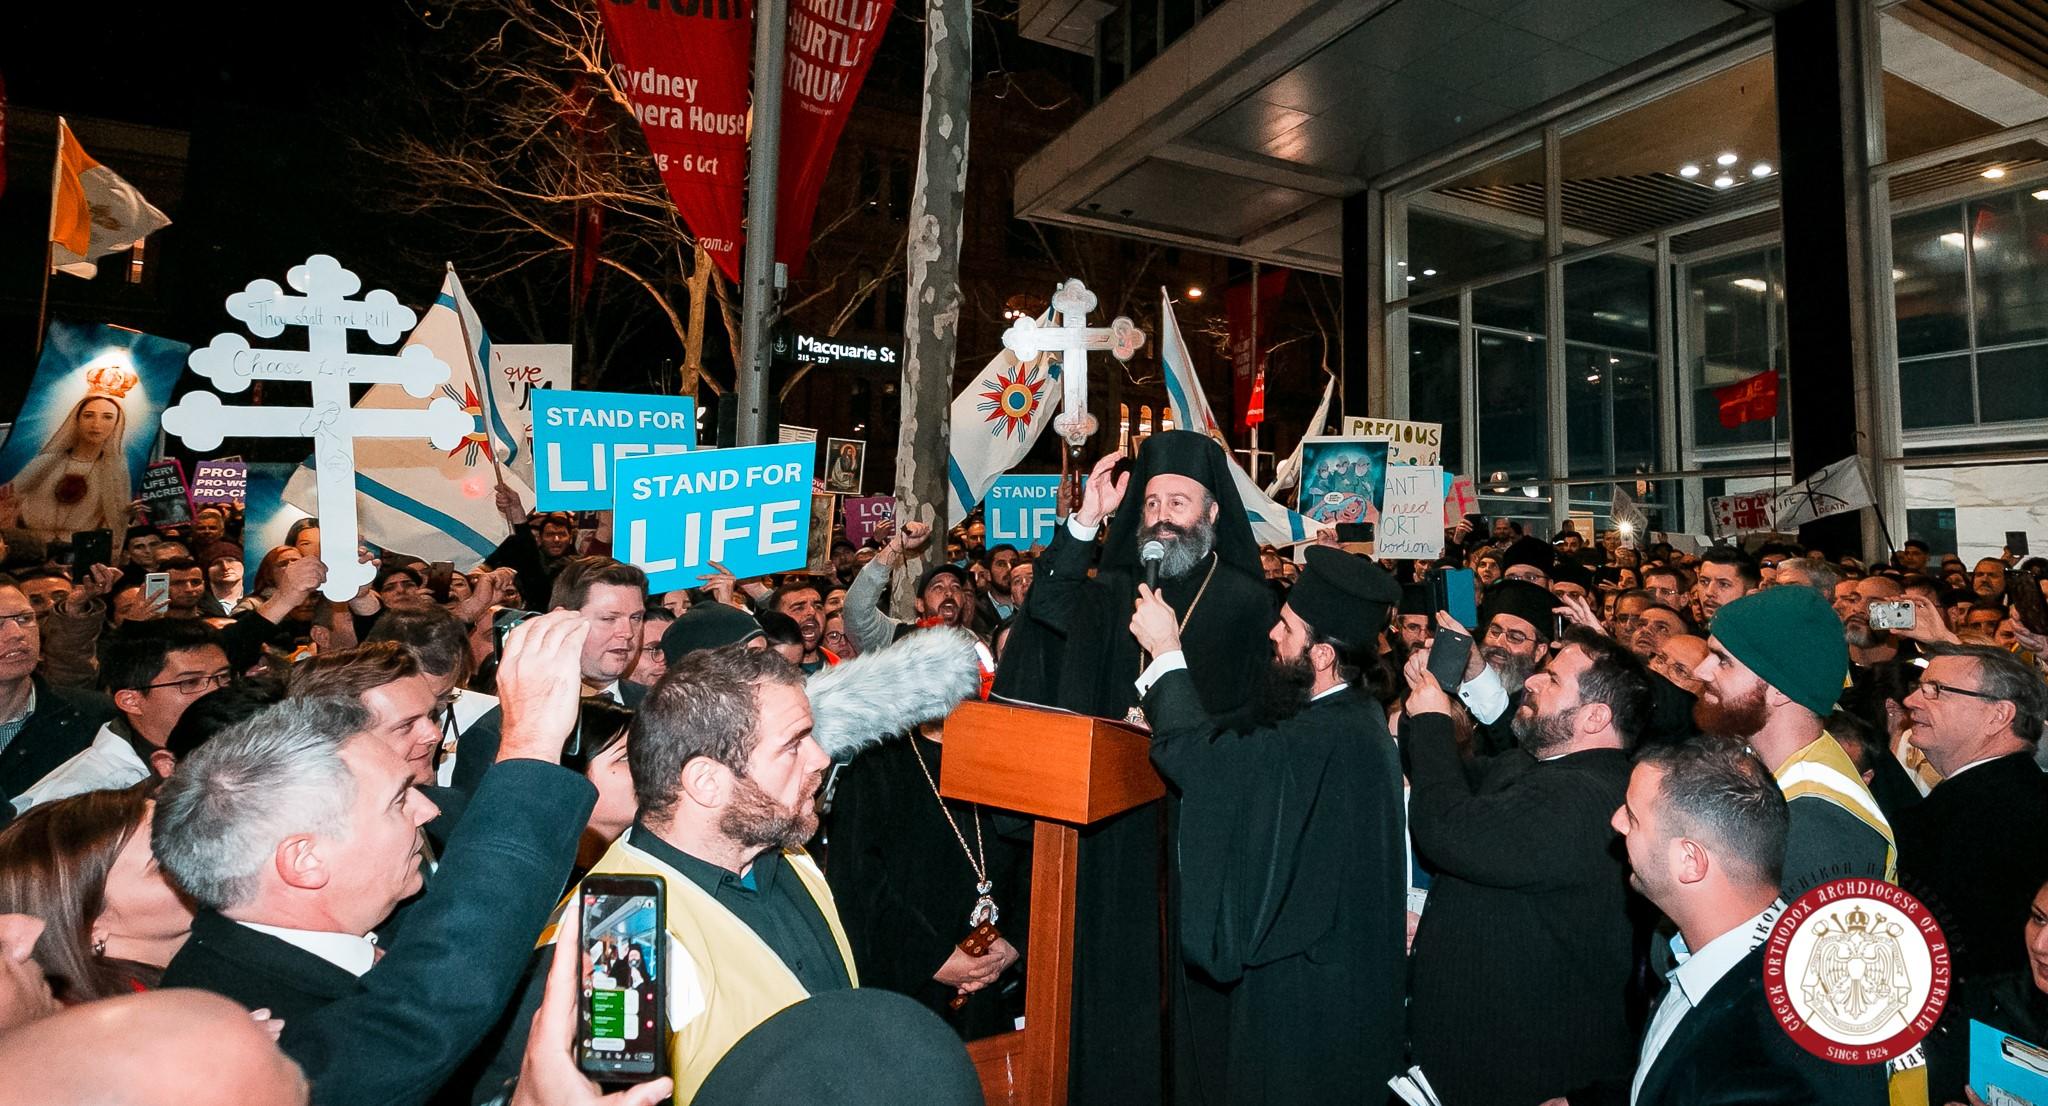 """Protest al credinciosilor ortodocsi australieni fata de DEZINCRIMINAREA AVORTULUI (Video). Arhiepiscopul Macarie al Australiei: ESTE REINTRODUSA PEDEAPSA CU MOARTEA!/ Stiri laudative in presa despre """"FAMILIA"""" gay a unui parlamentar din Noua Zeelanda care si-a adus in plen bebelusul obtinut de la o MAMA SUROGAT"""